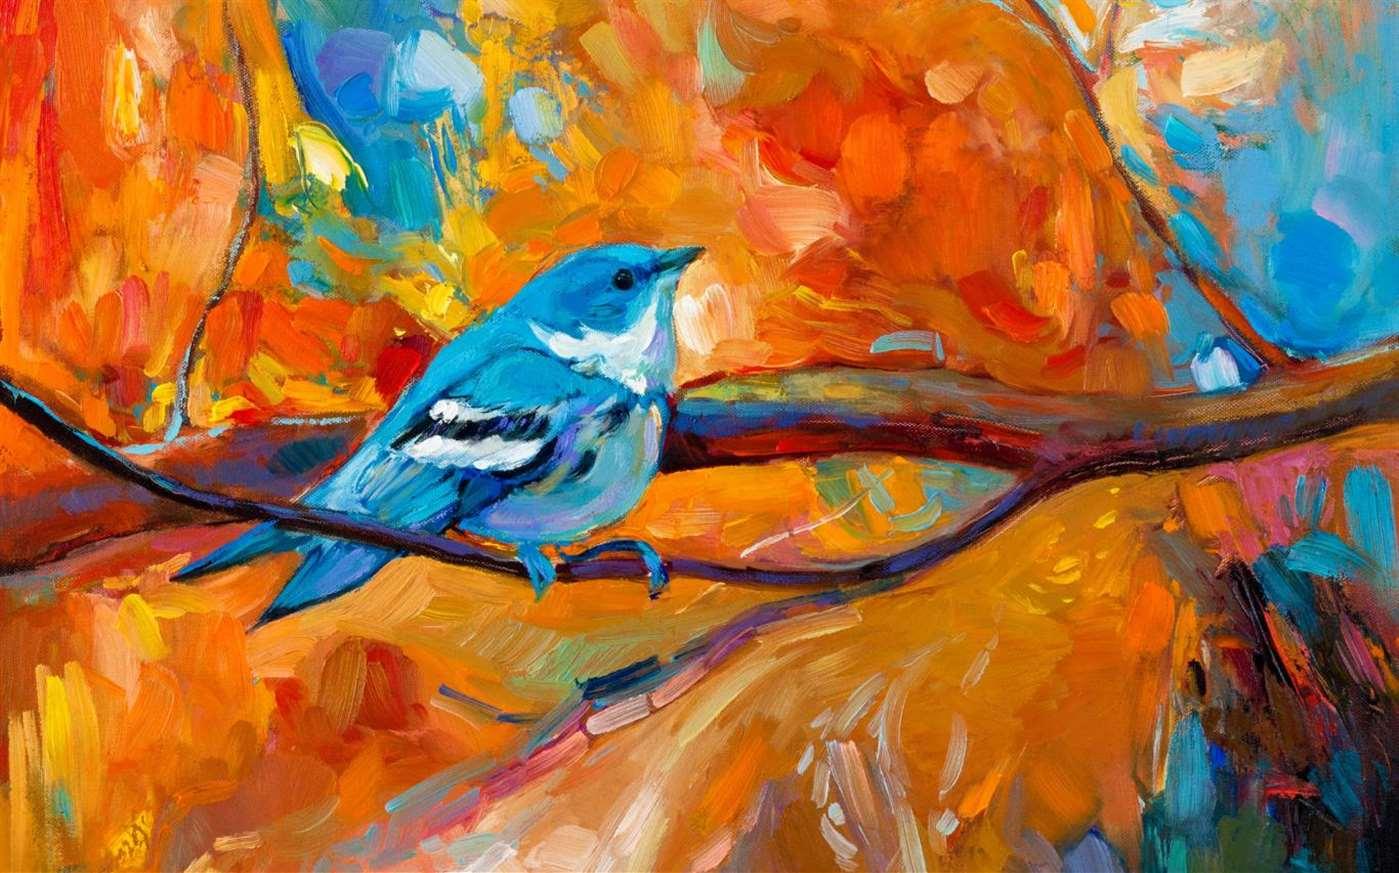 微软推出Win10官方油画风格主题Artistic Endeavors